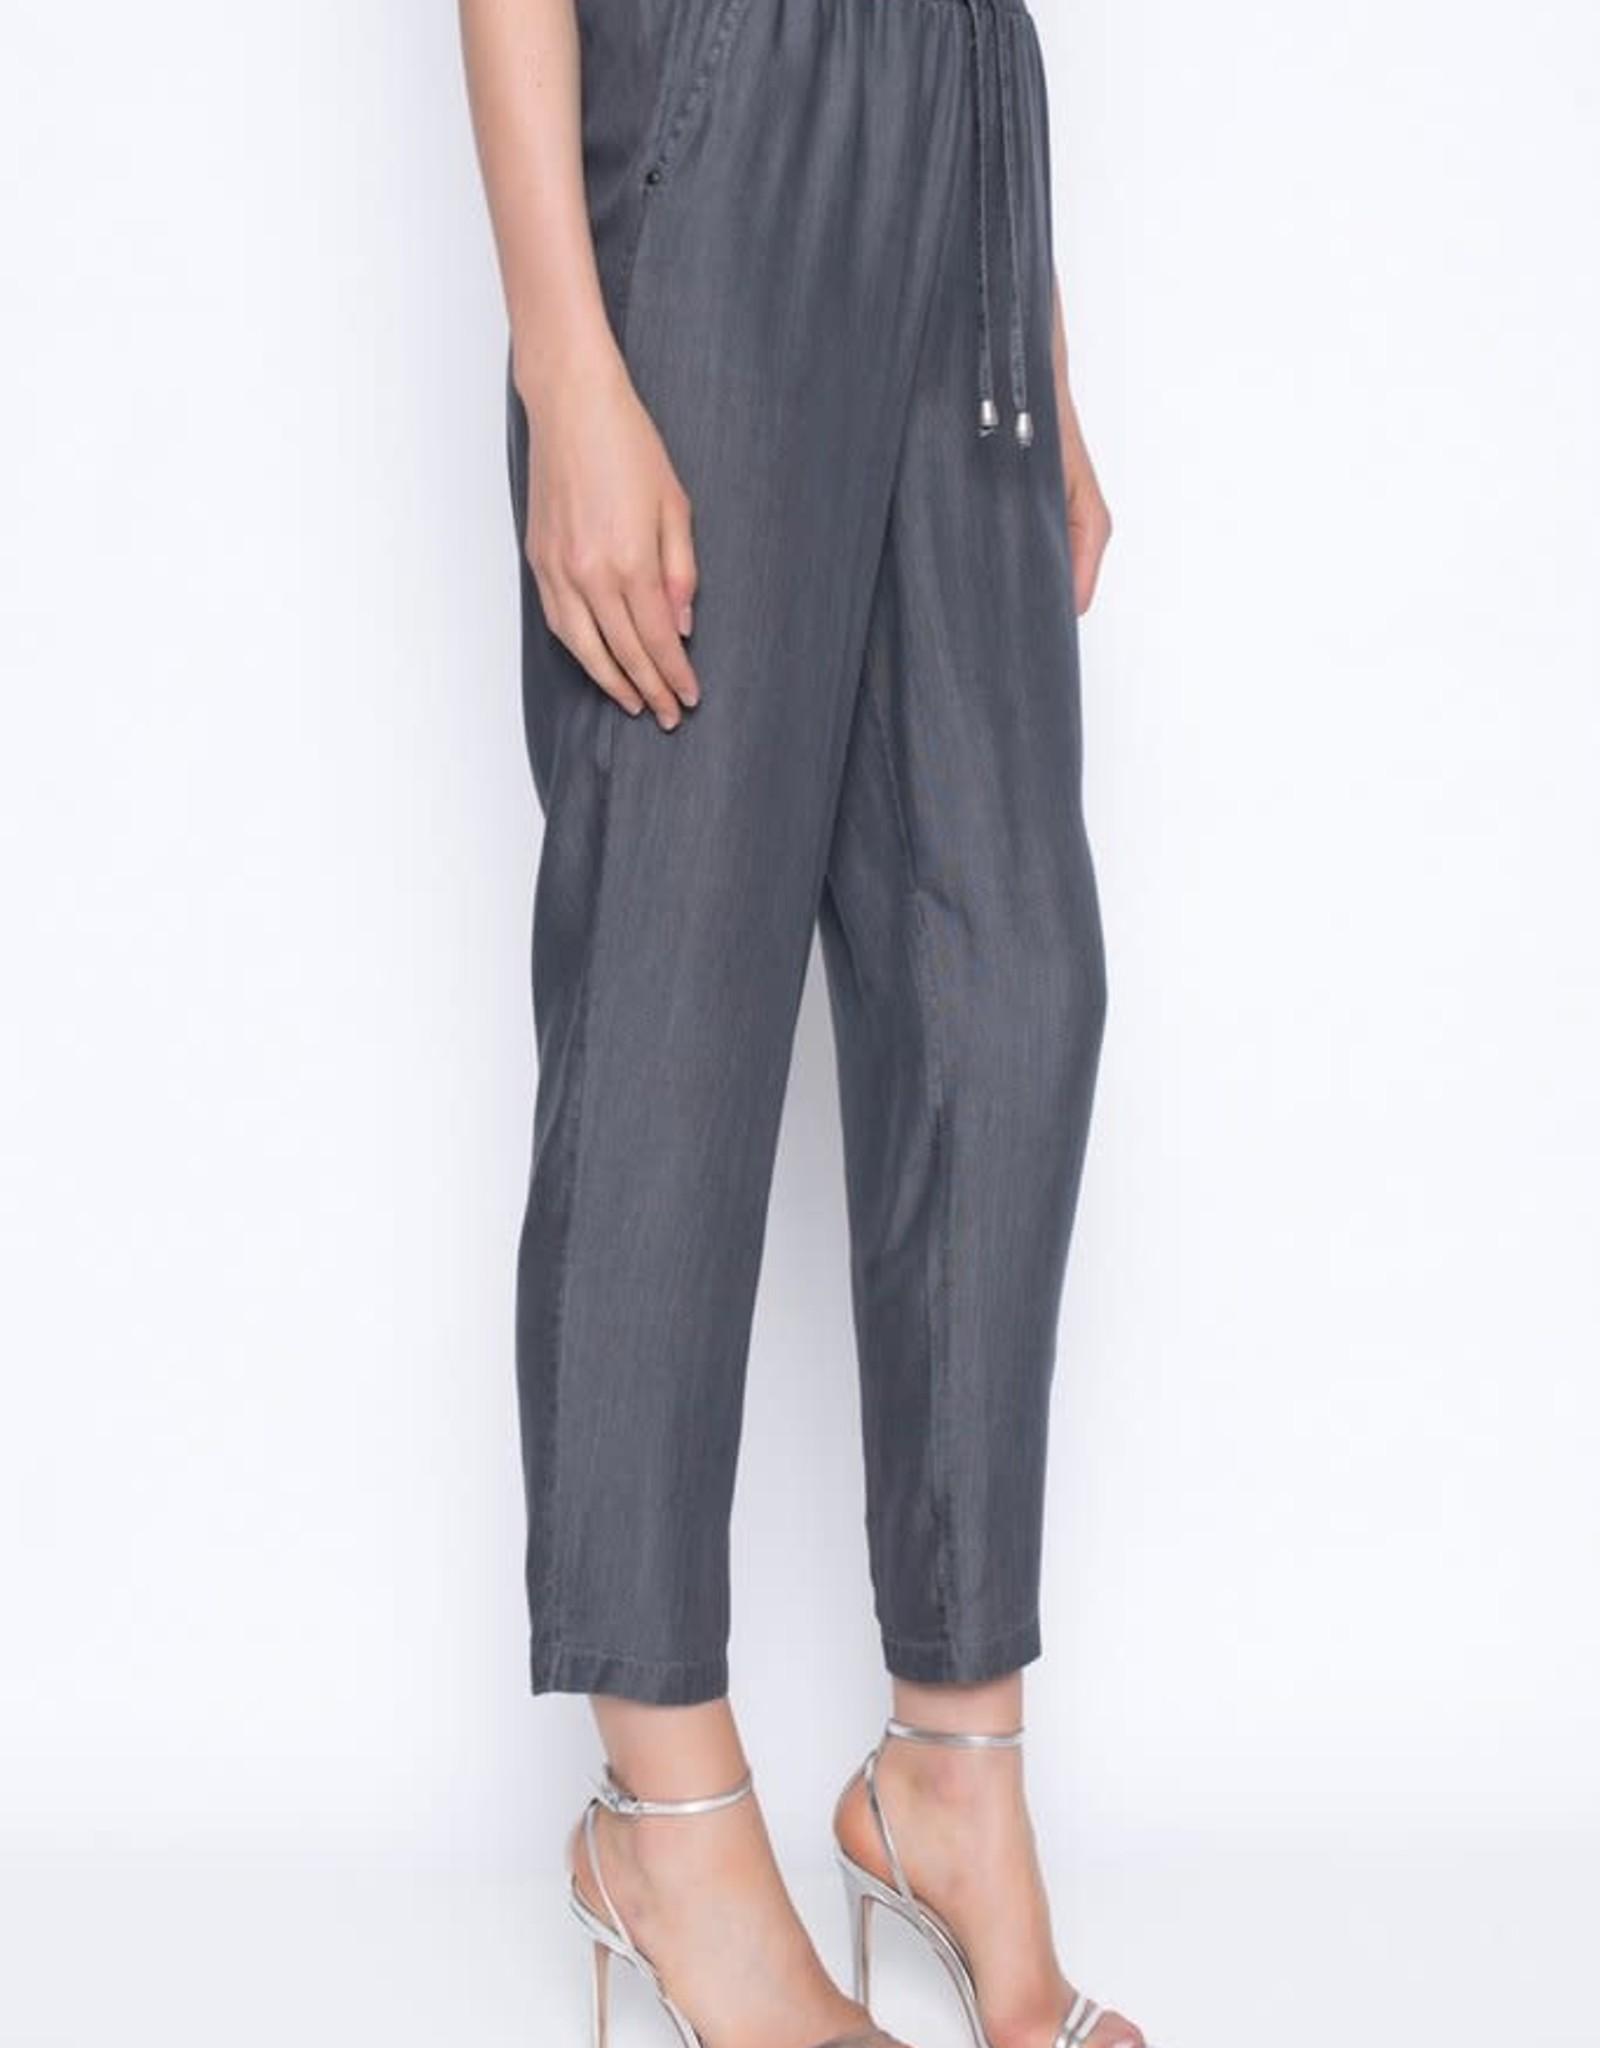 Pull-On Slim Pants